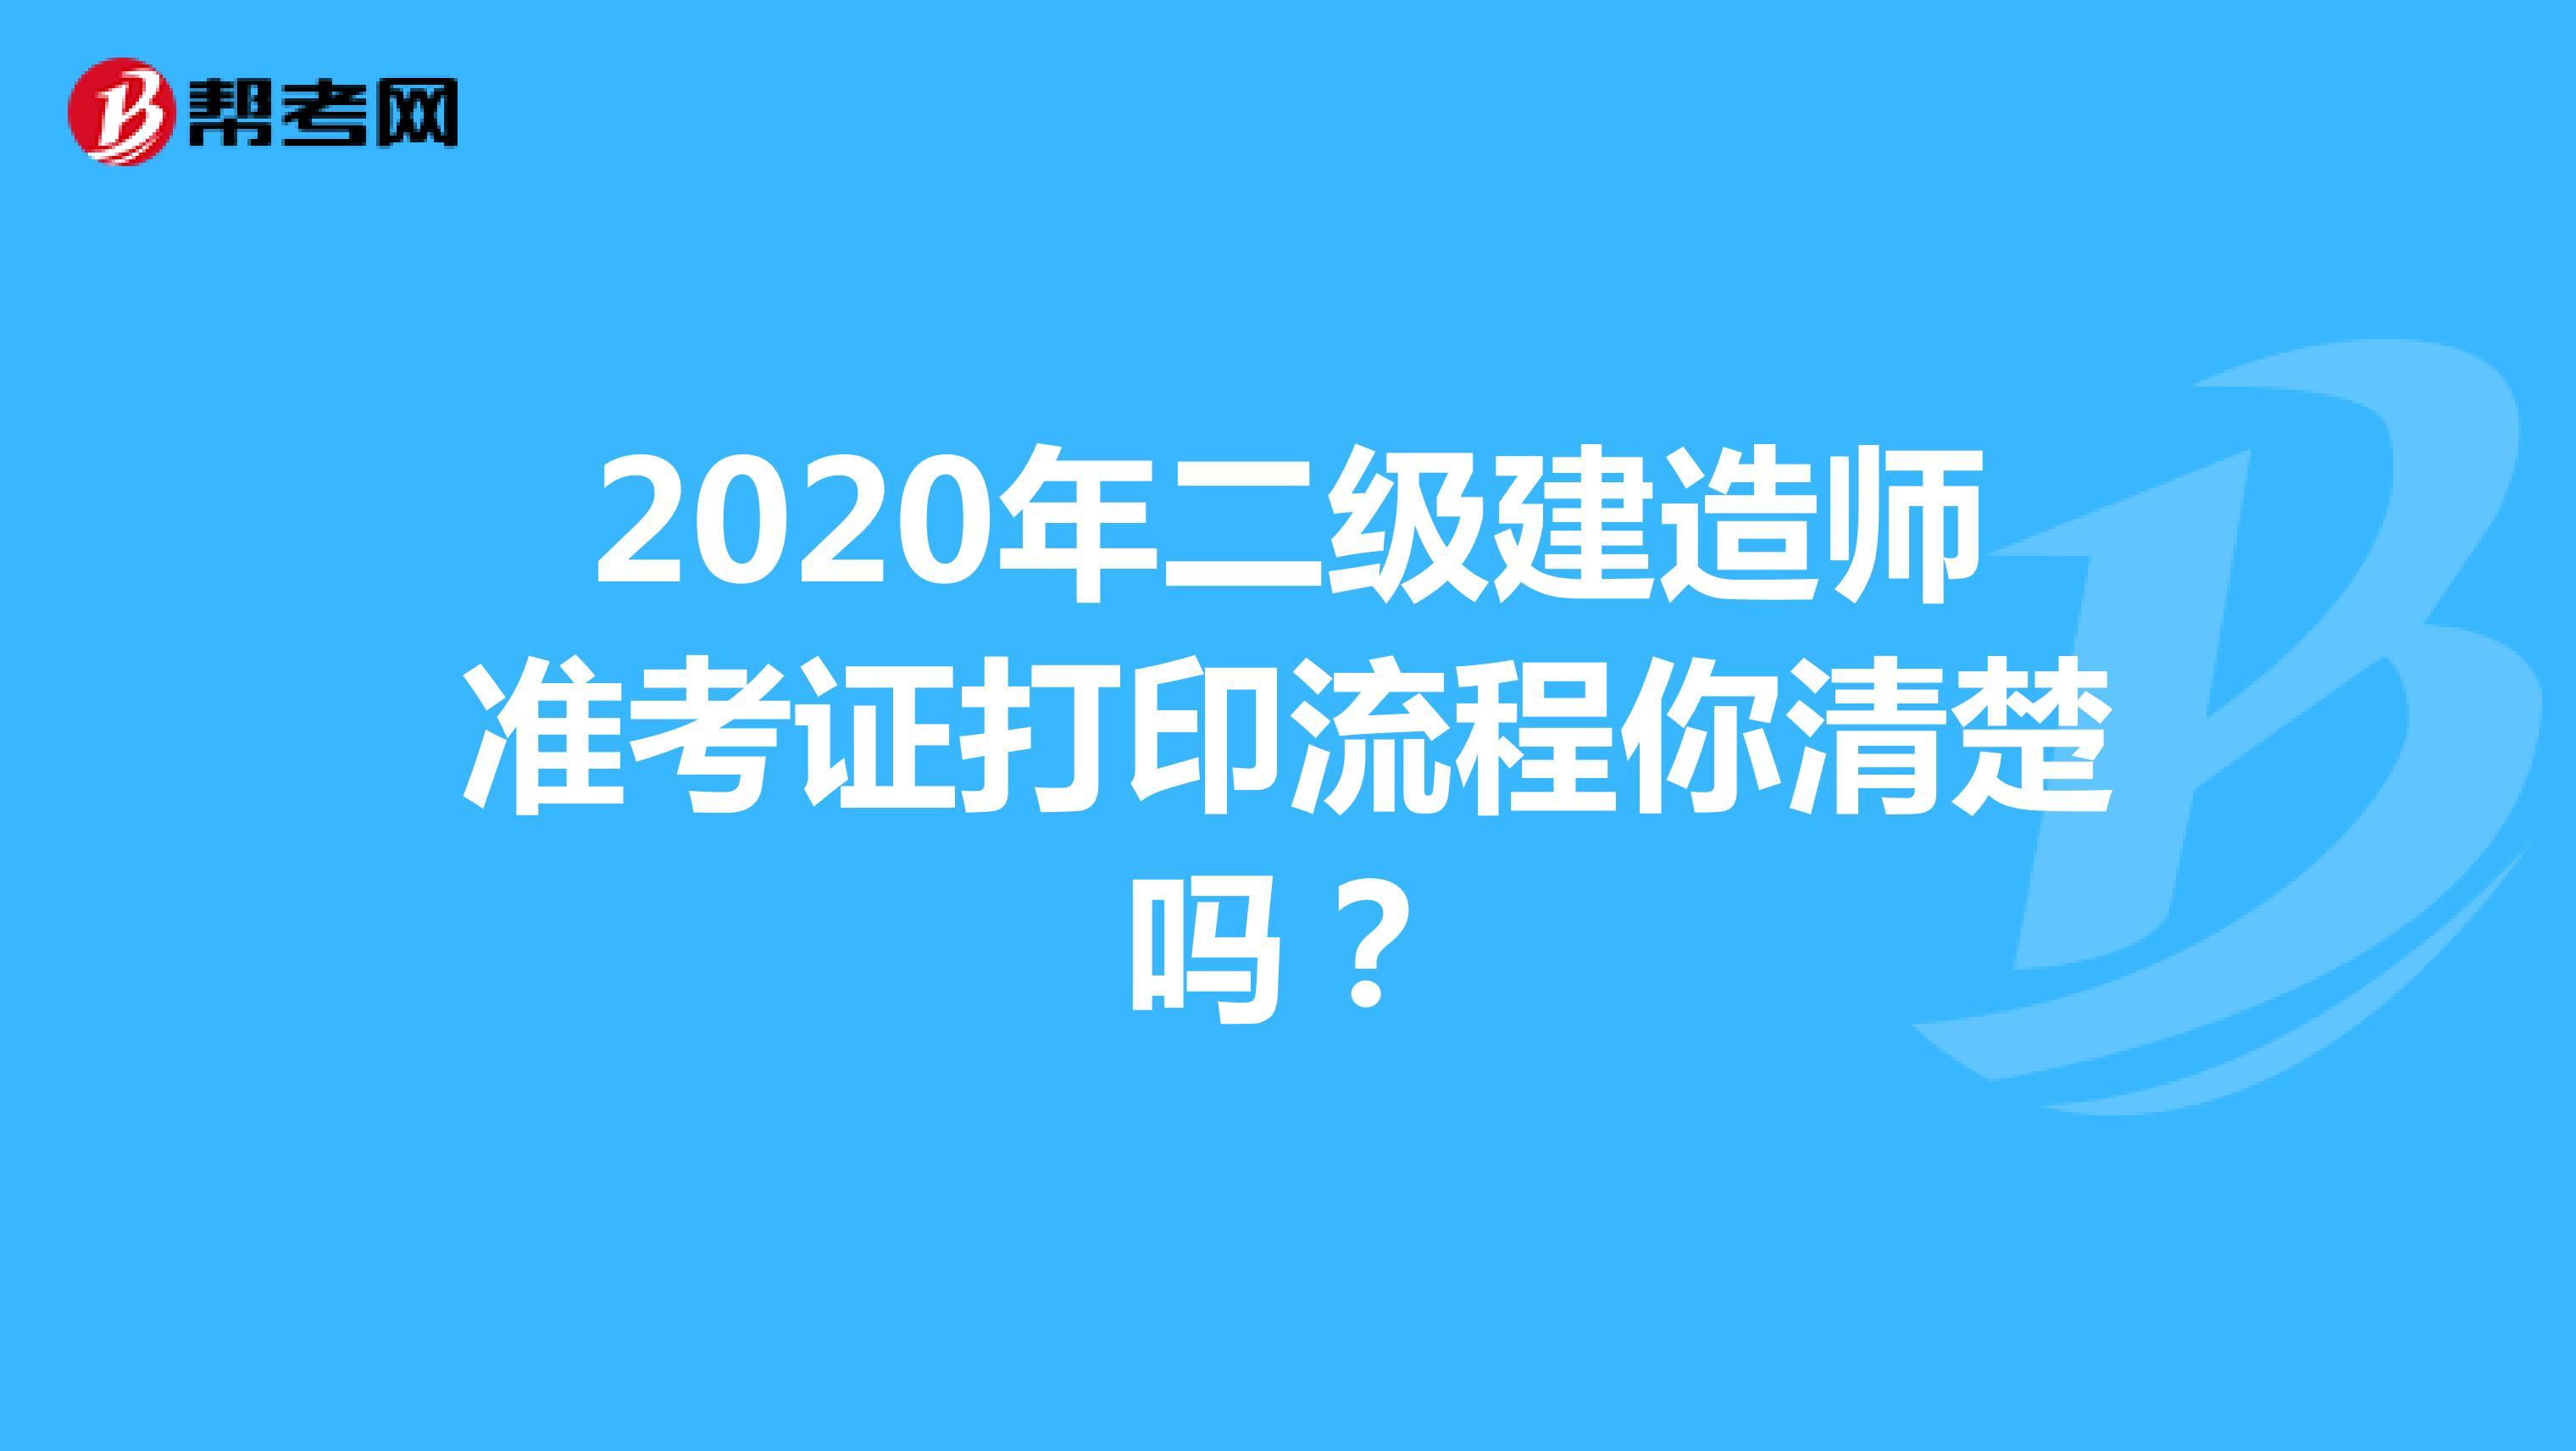 2020年二级建造师准考证打印流程你清楚吗?